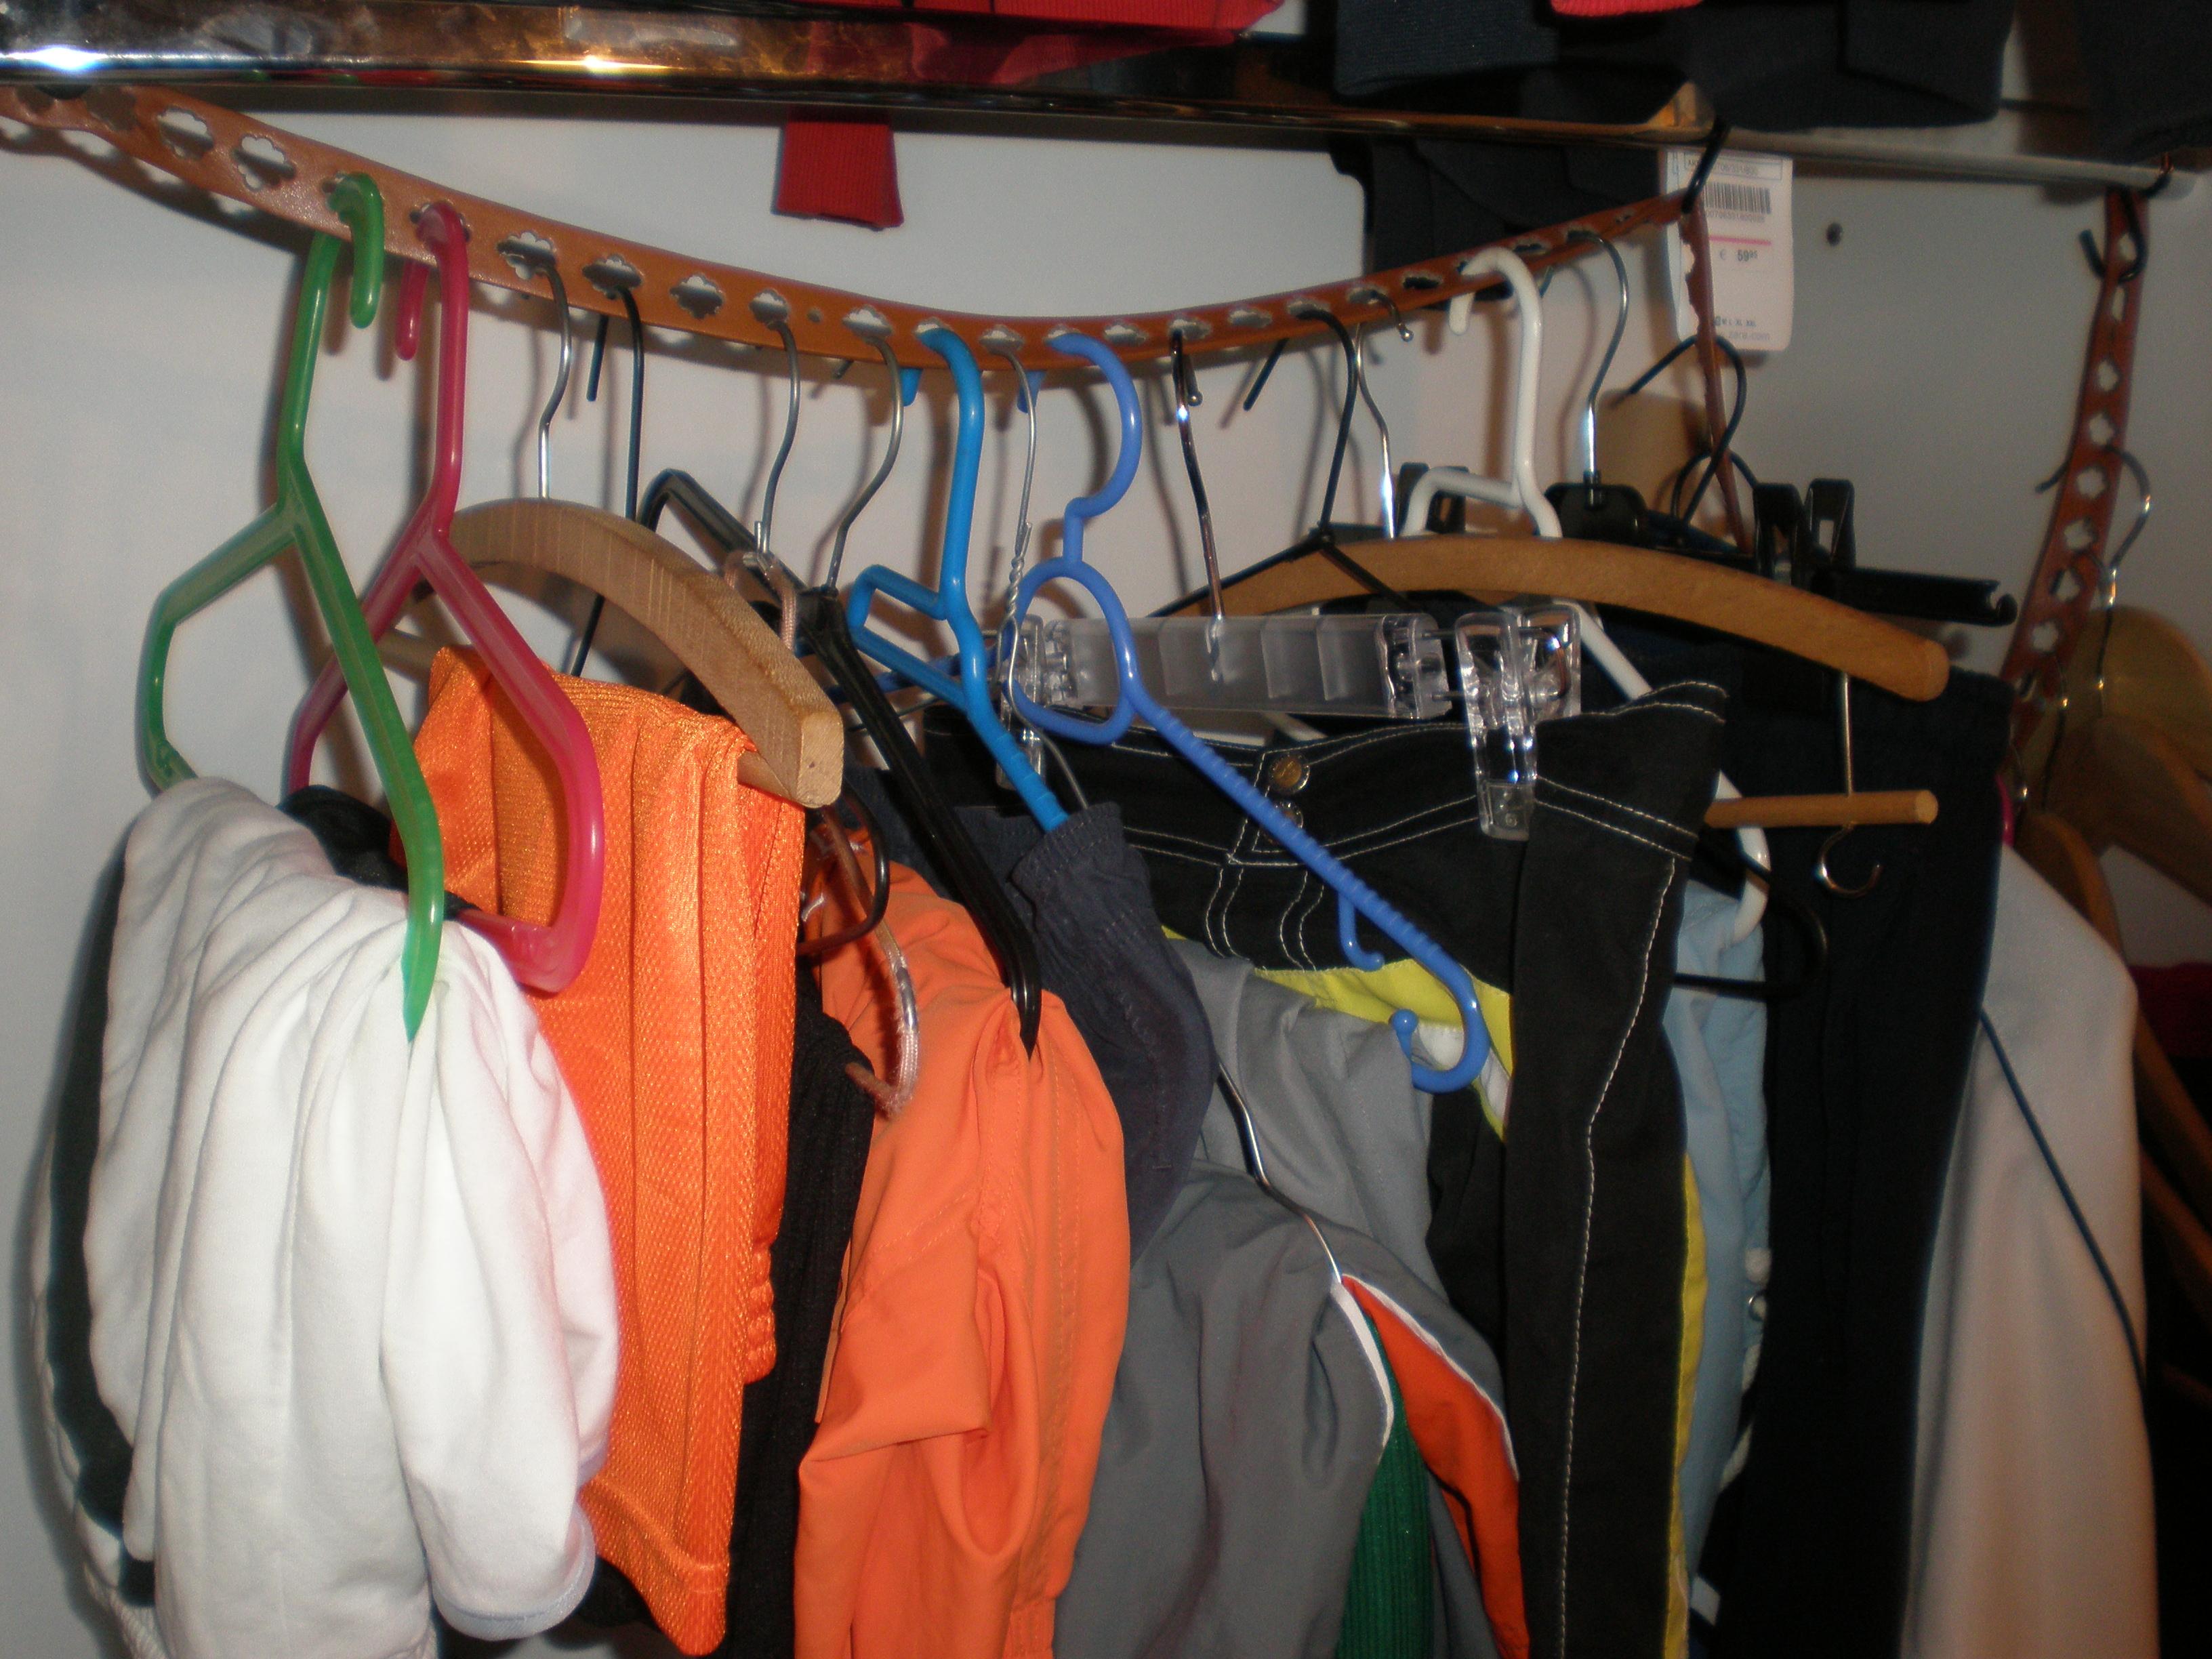 A More Efficient Closet Using Belts